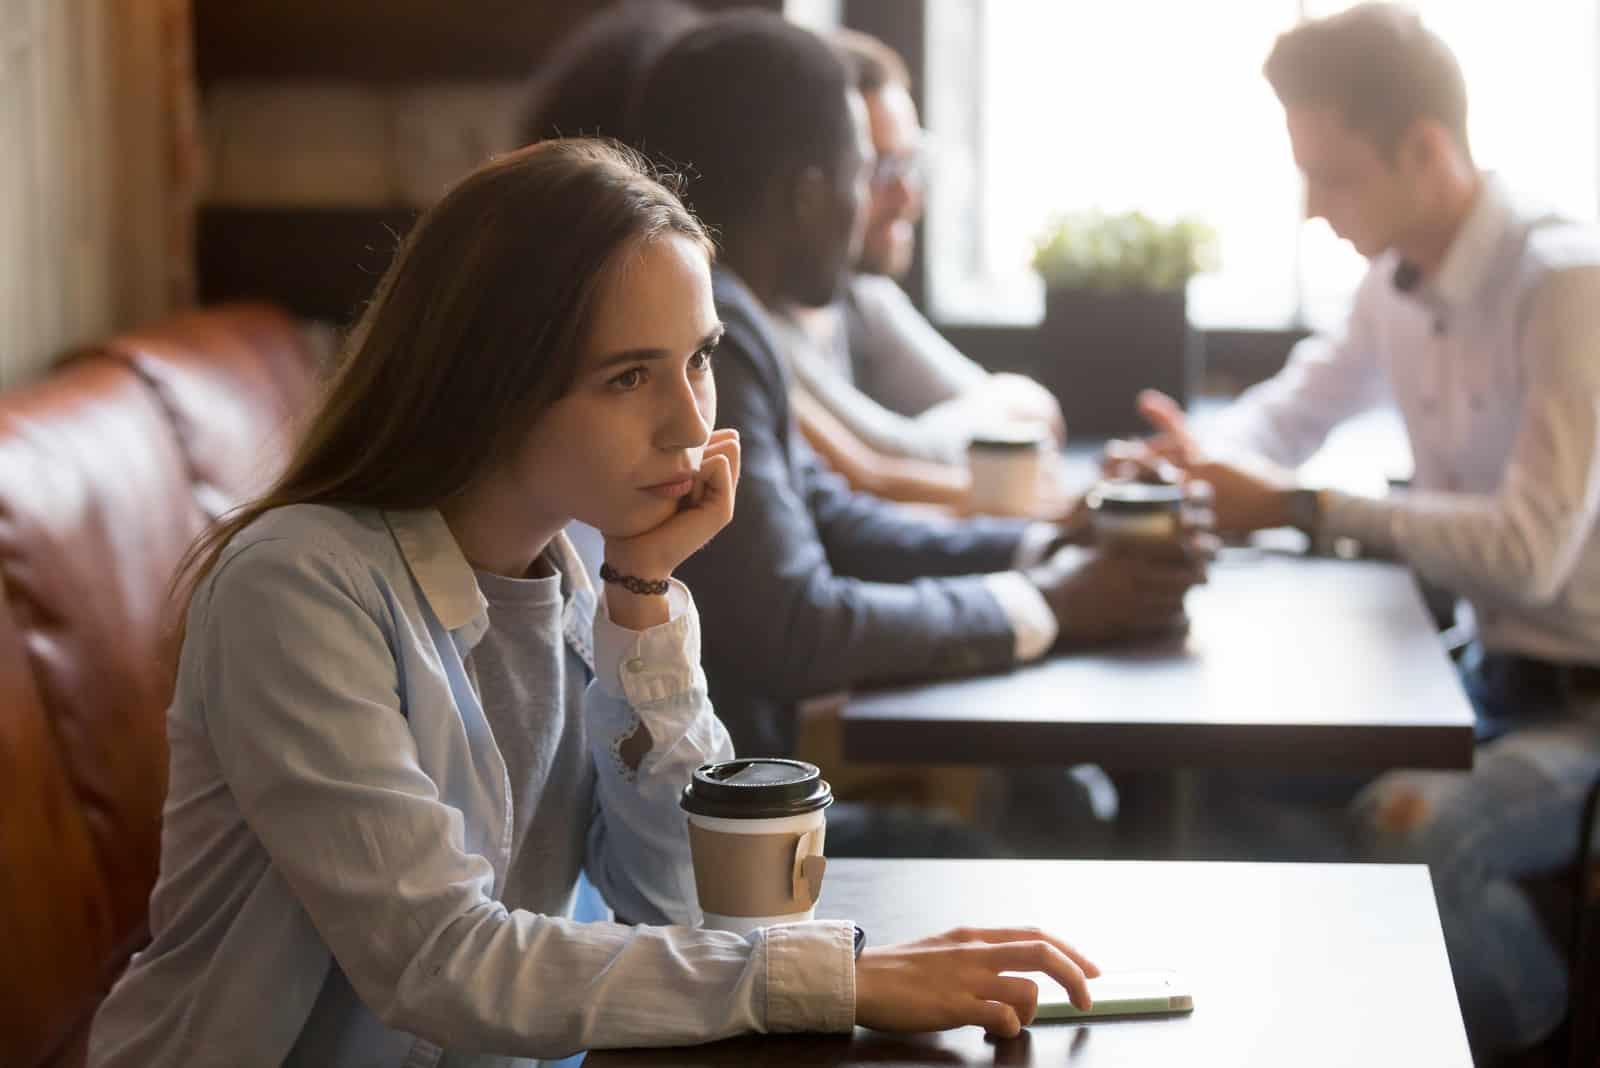 Eine nachdenkliche Frau sitzt in einem Café und wartet auf jemanden